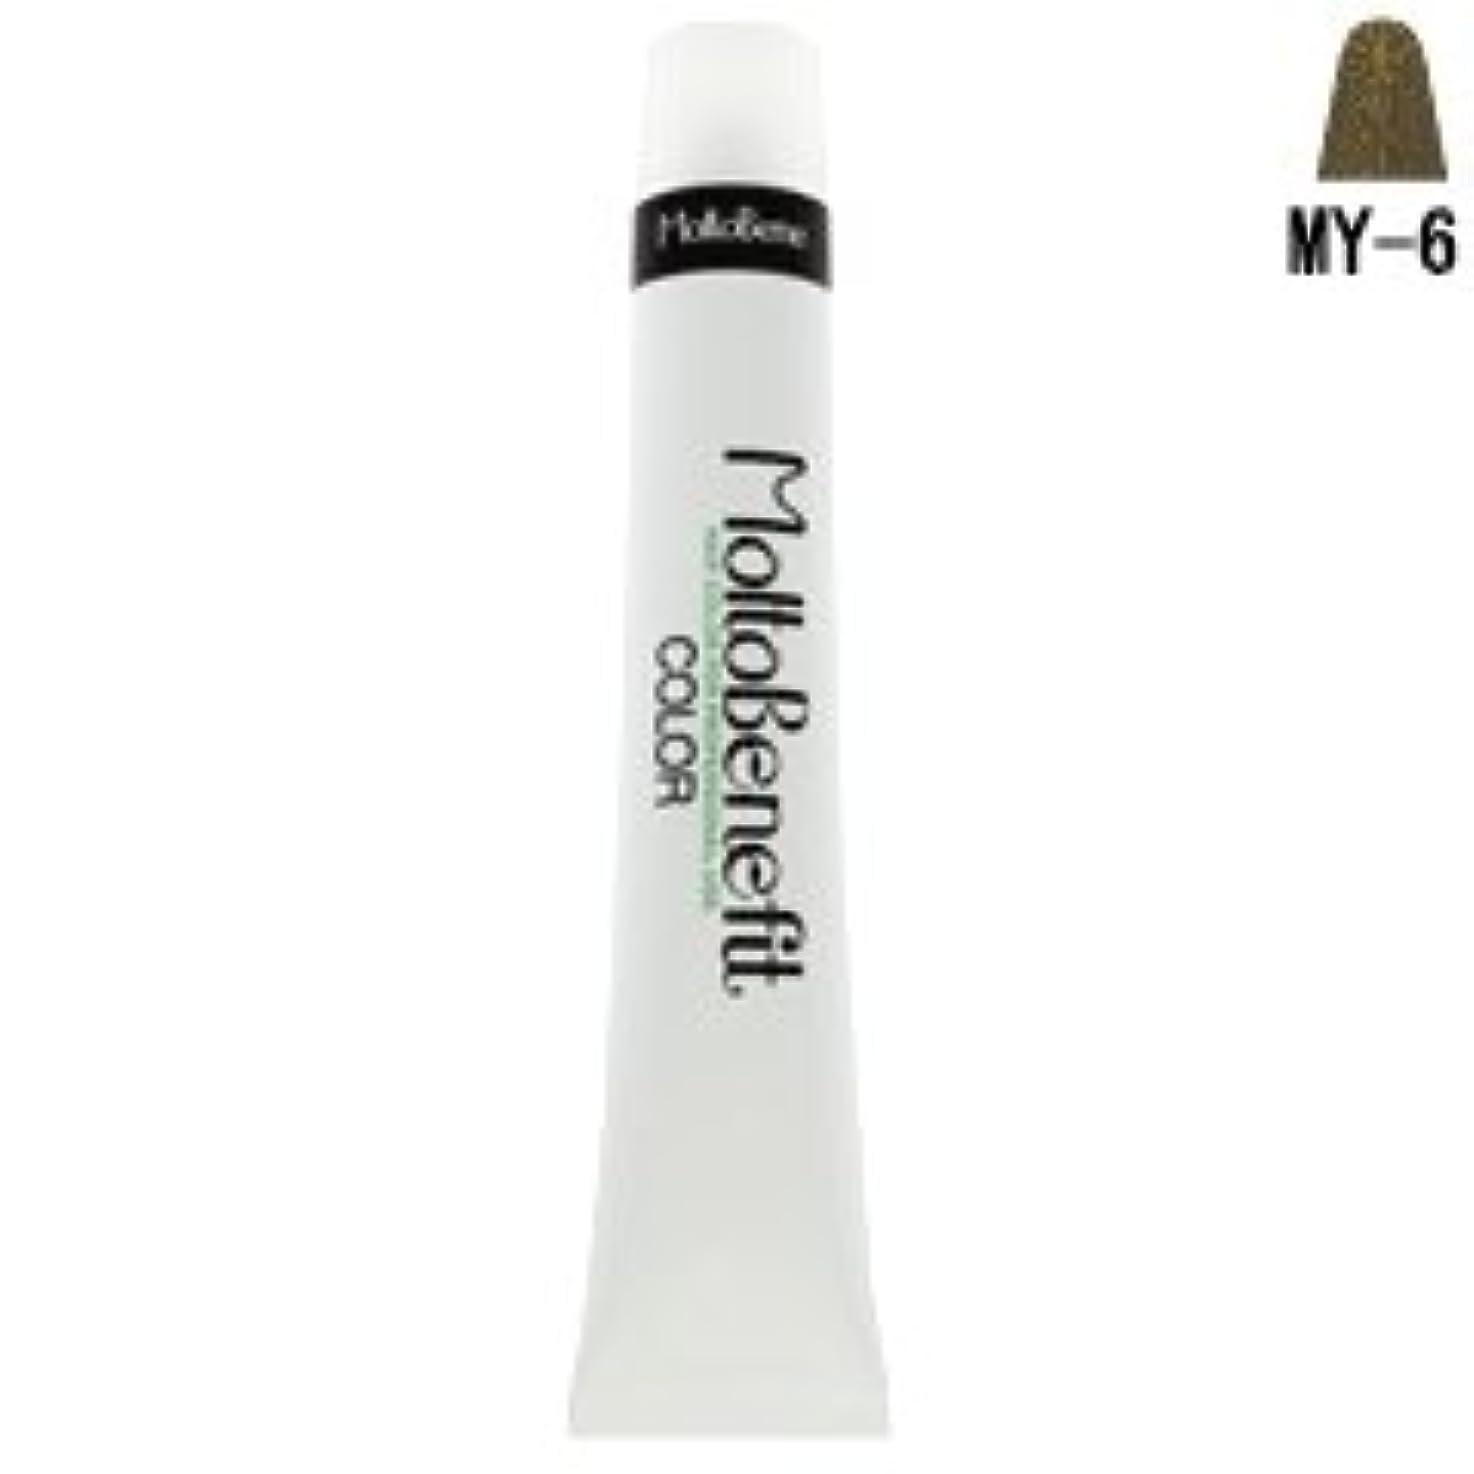 スペシャリスト消化乳白色【モルトベーネ】フィットカラー グレイライトアップカラー MY-6 マットイエロー 60g